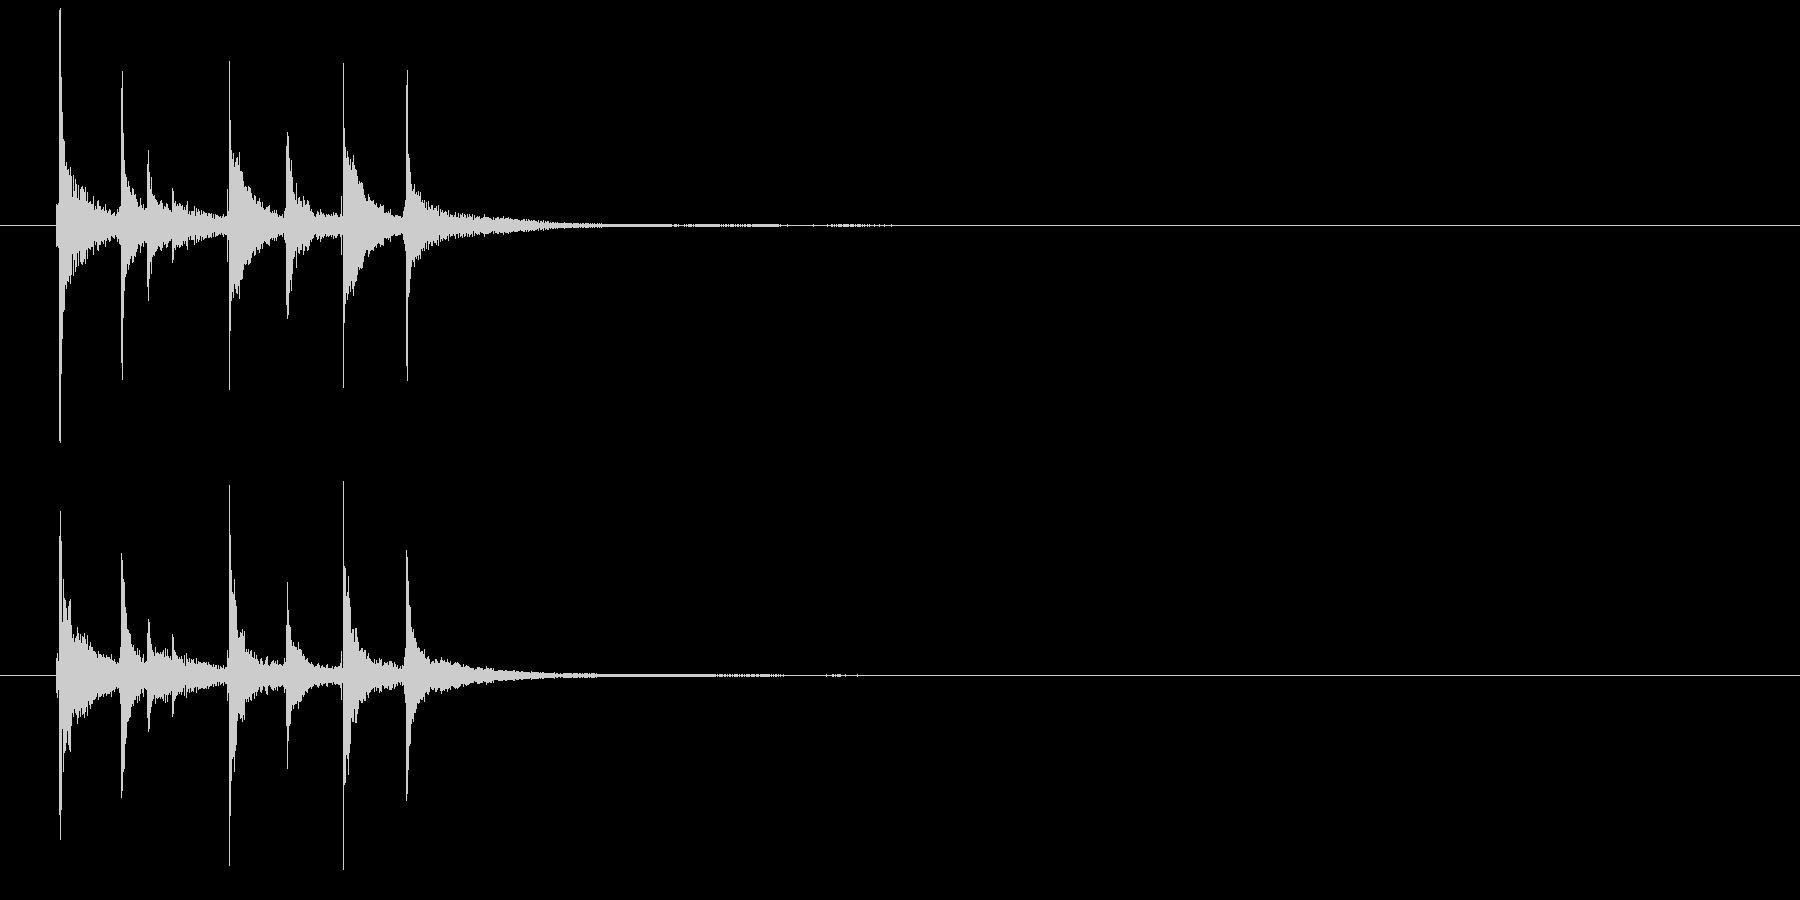 和の素材_三味線の短いフレーズ3の未再生の波形